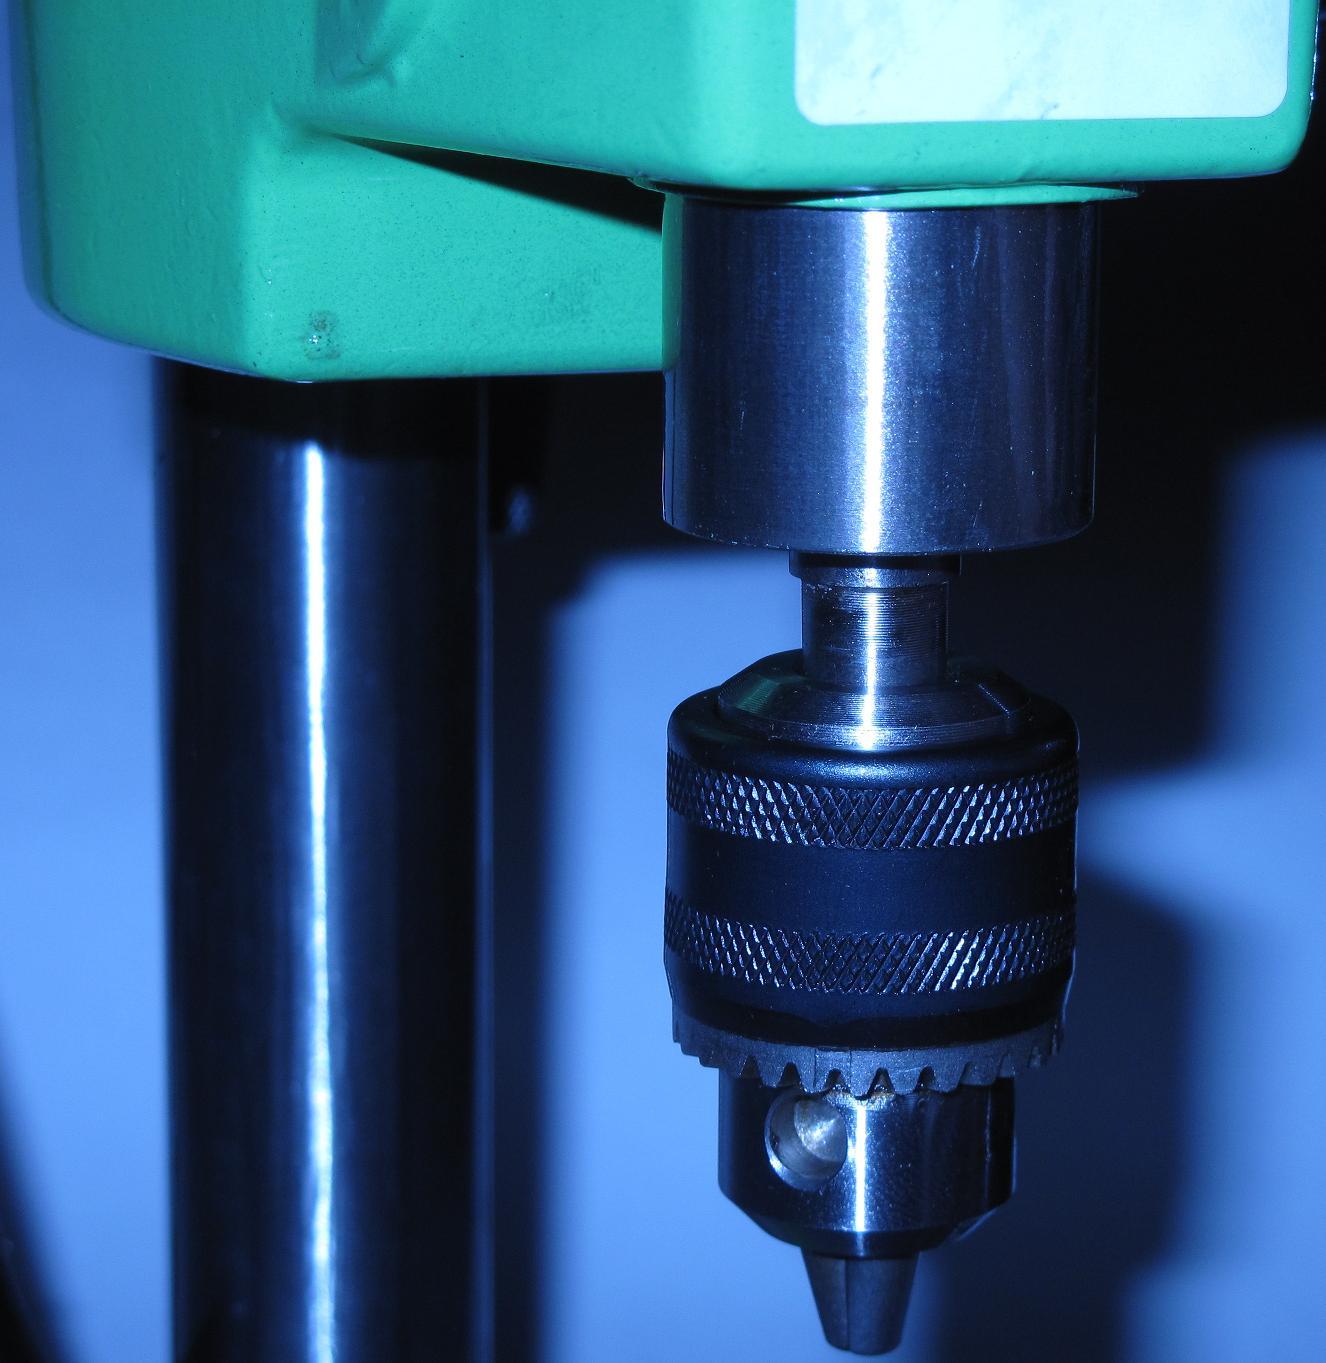 Настольный сверлильный станок ZB2506-1 мощностью 100 Вт с кулачковым патроном до 6 мм